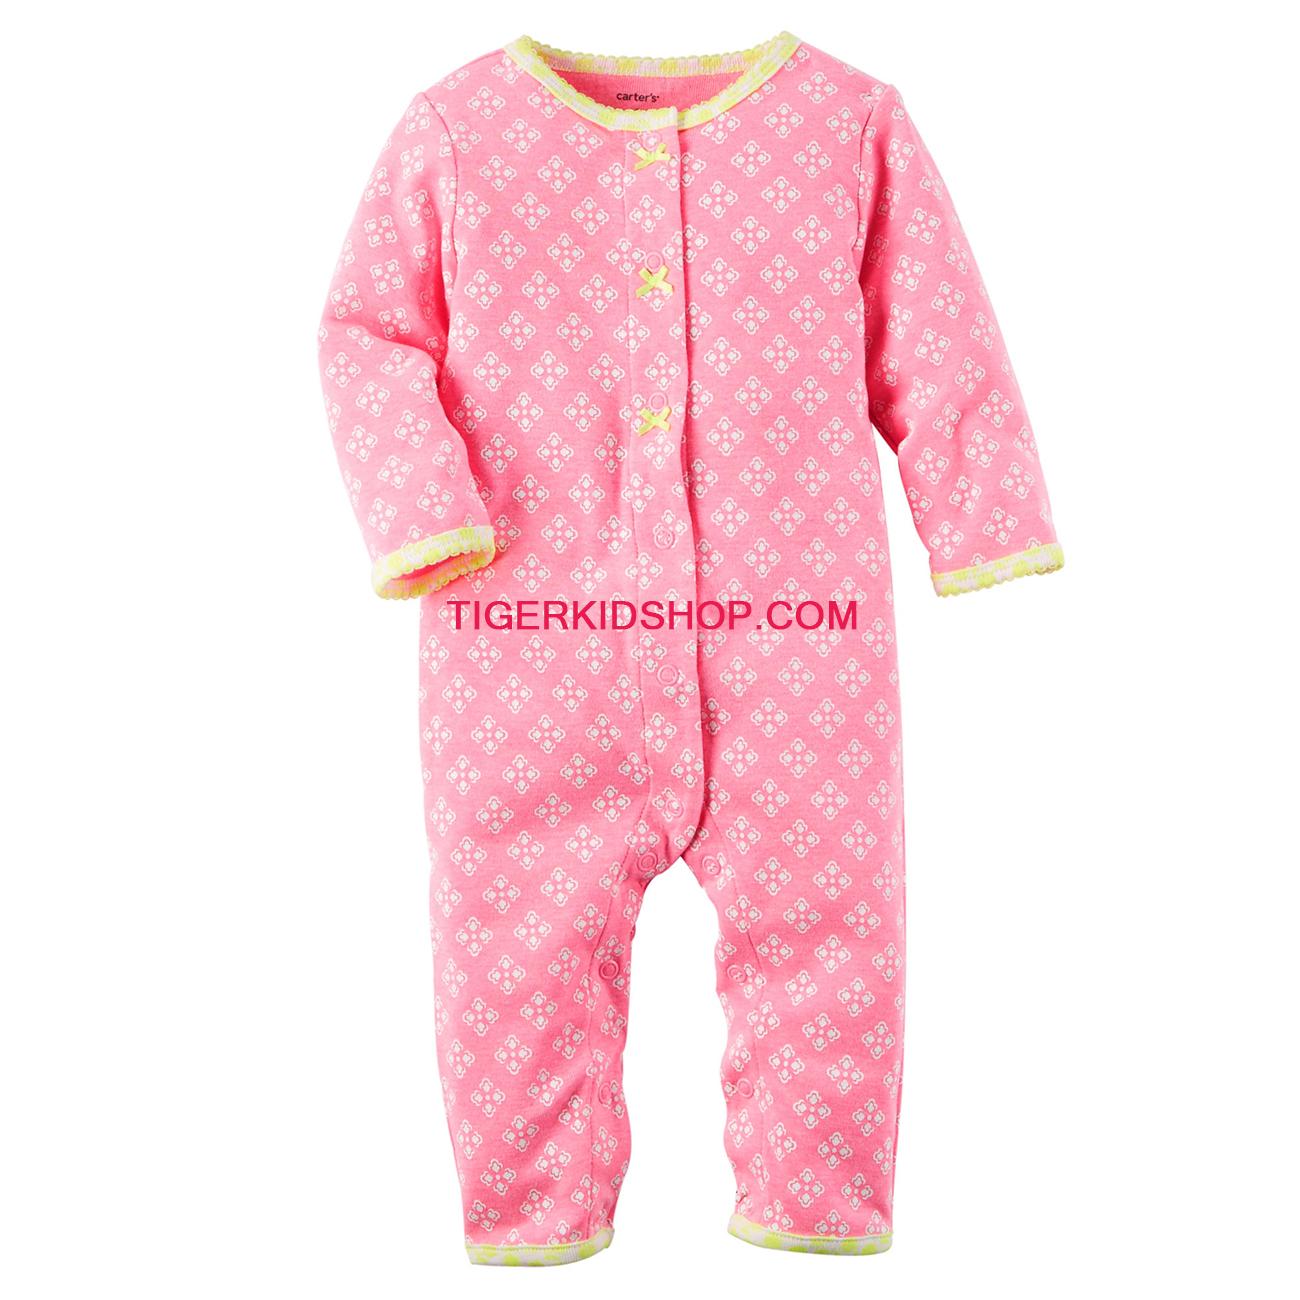 30896894476 98f21c9e30 o Sleepsuit nhập Mỹ size 6M;9M